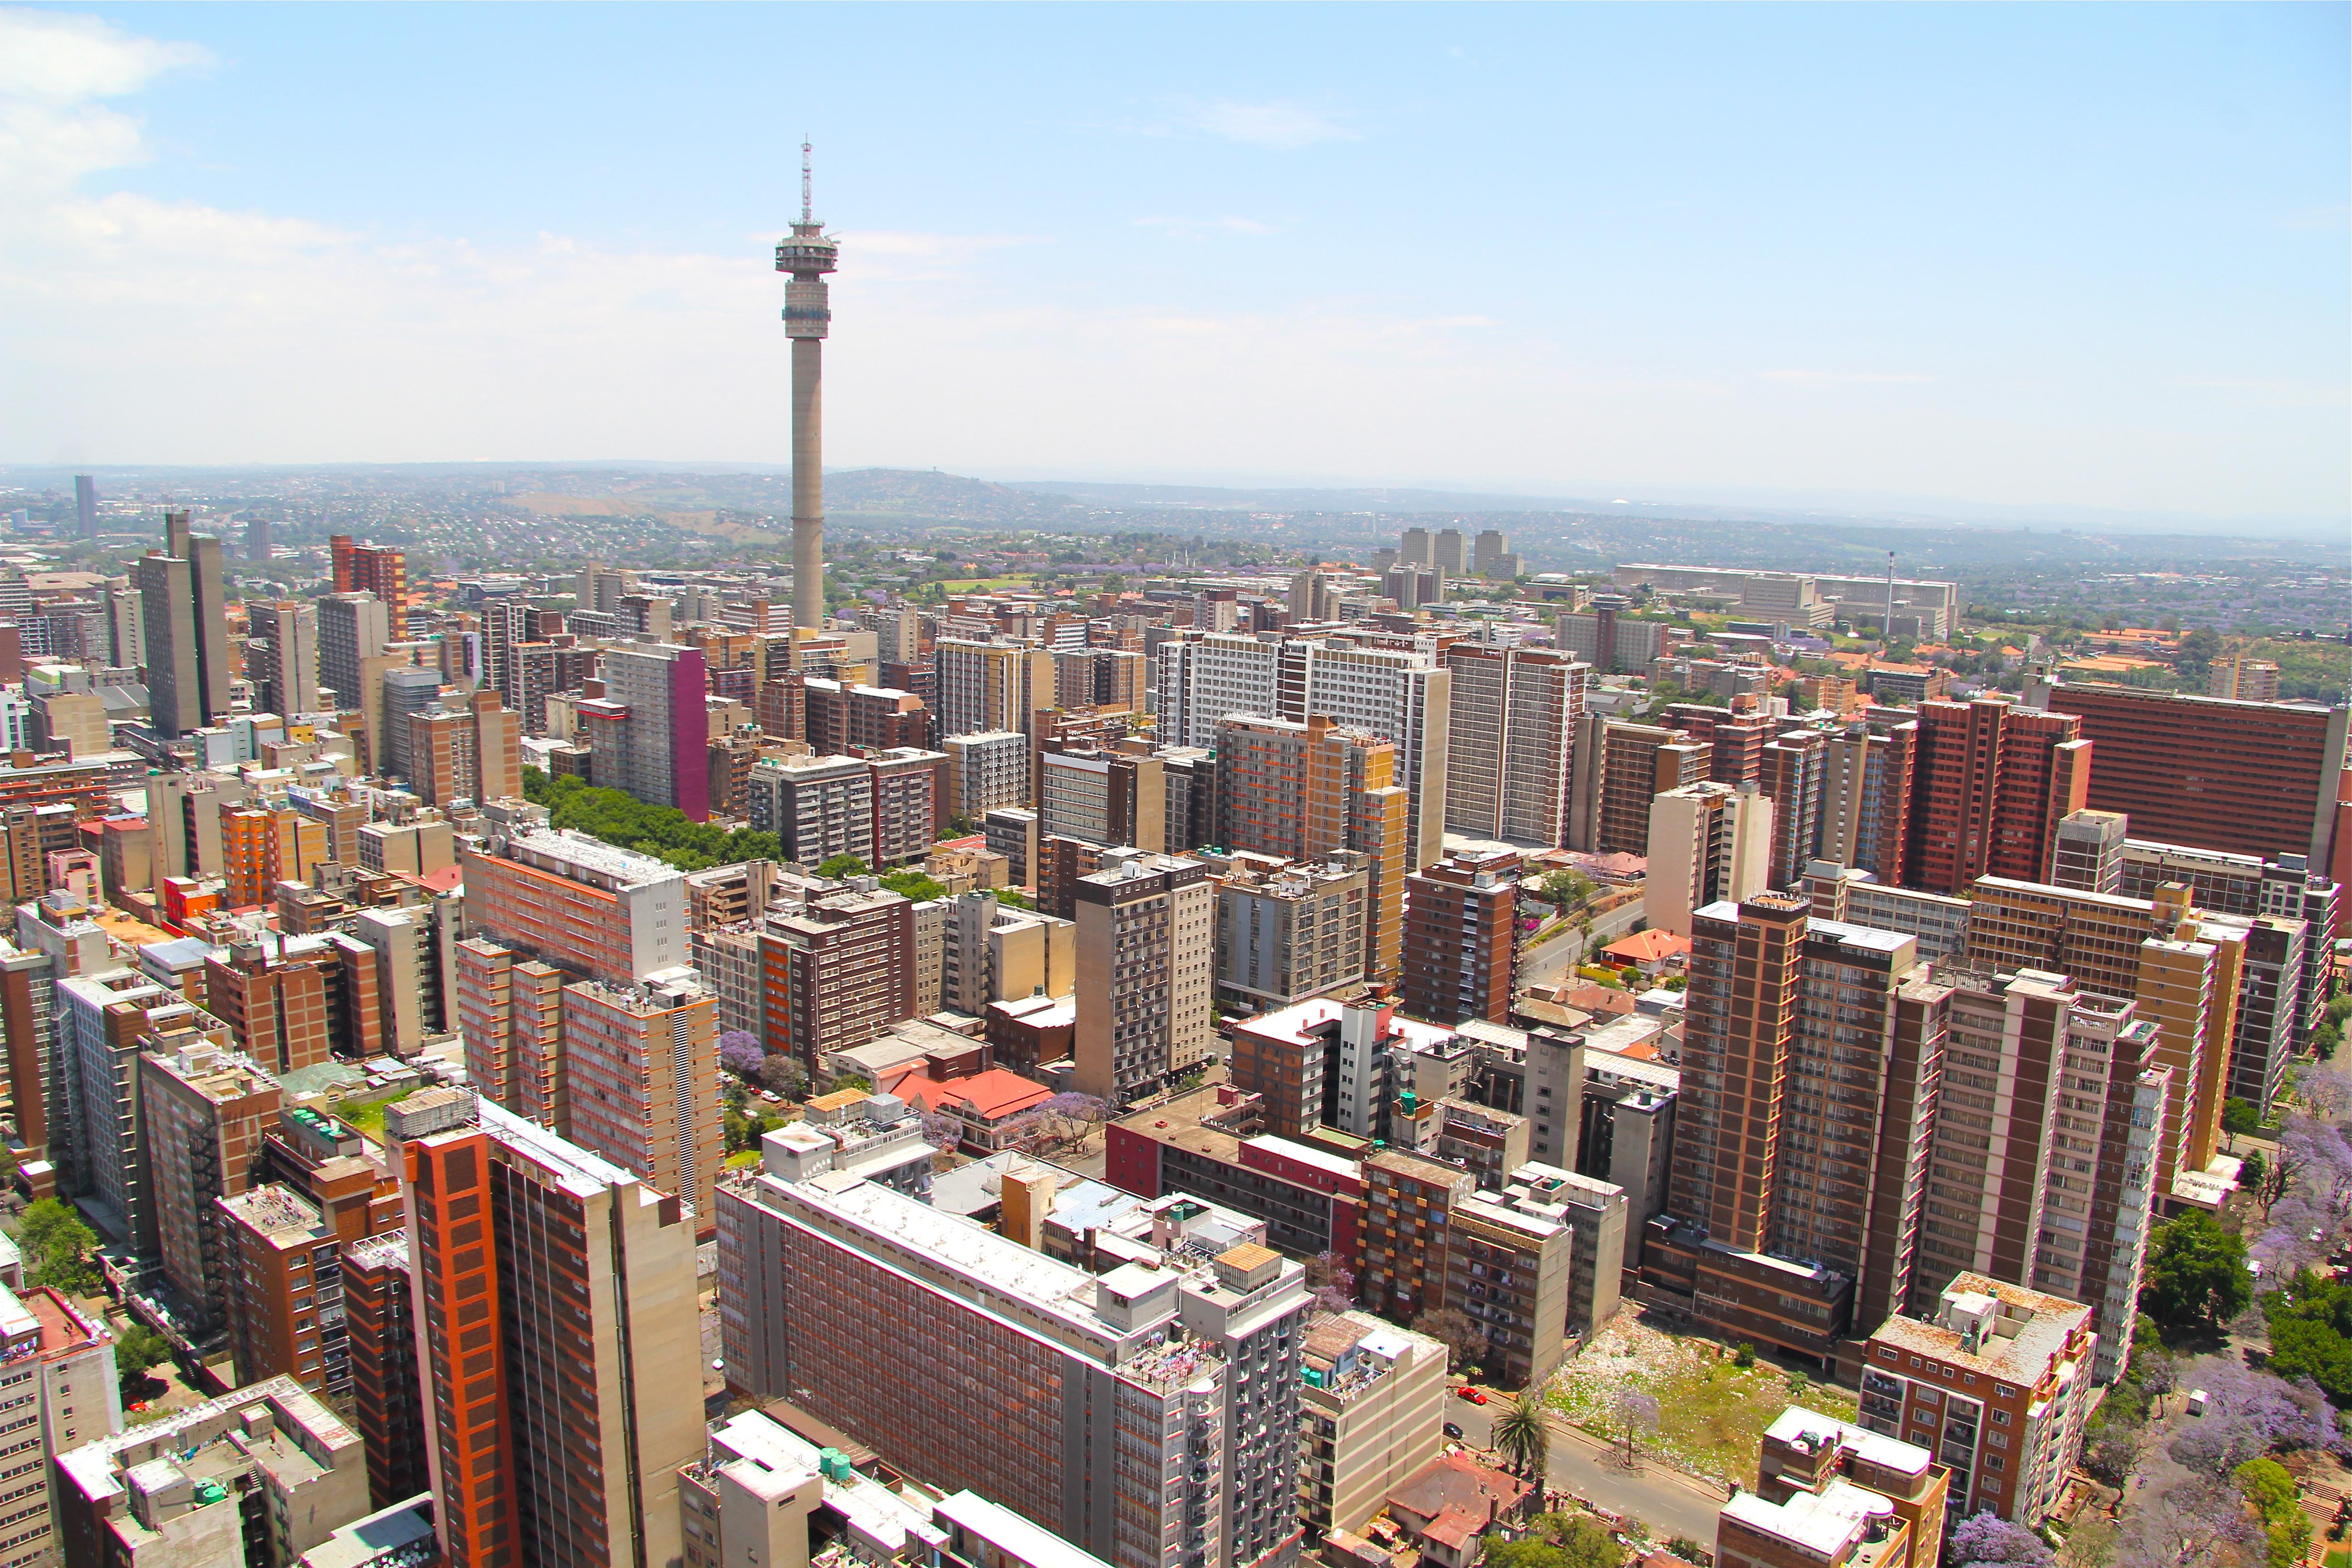 Súbete al rascacielos más alto de toda África - Sudáfrica Safari Kruger y Ciudad del Cabo